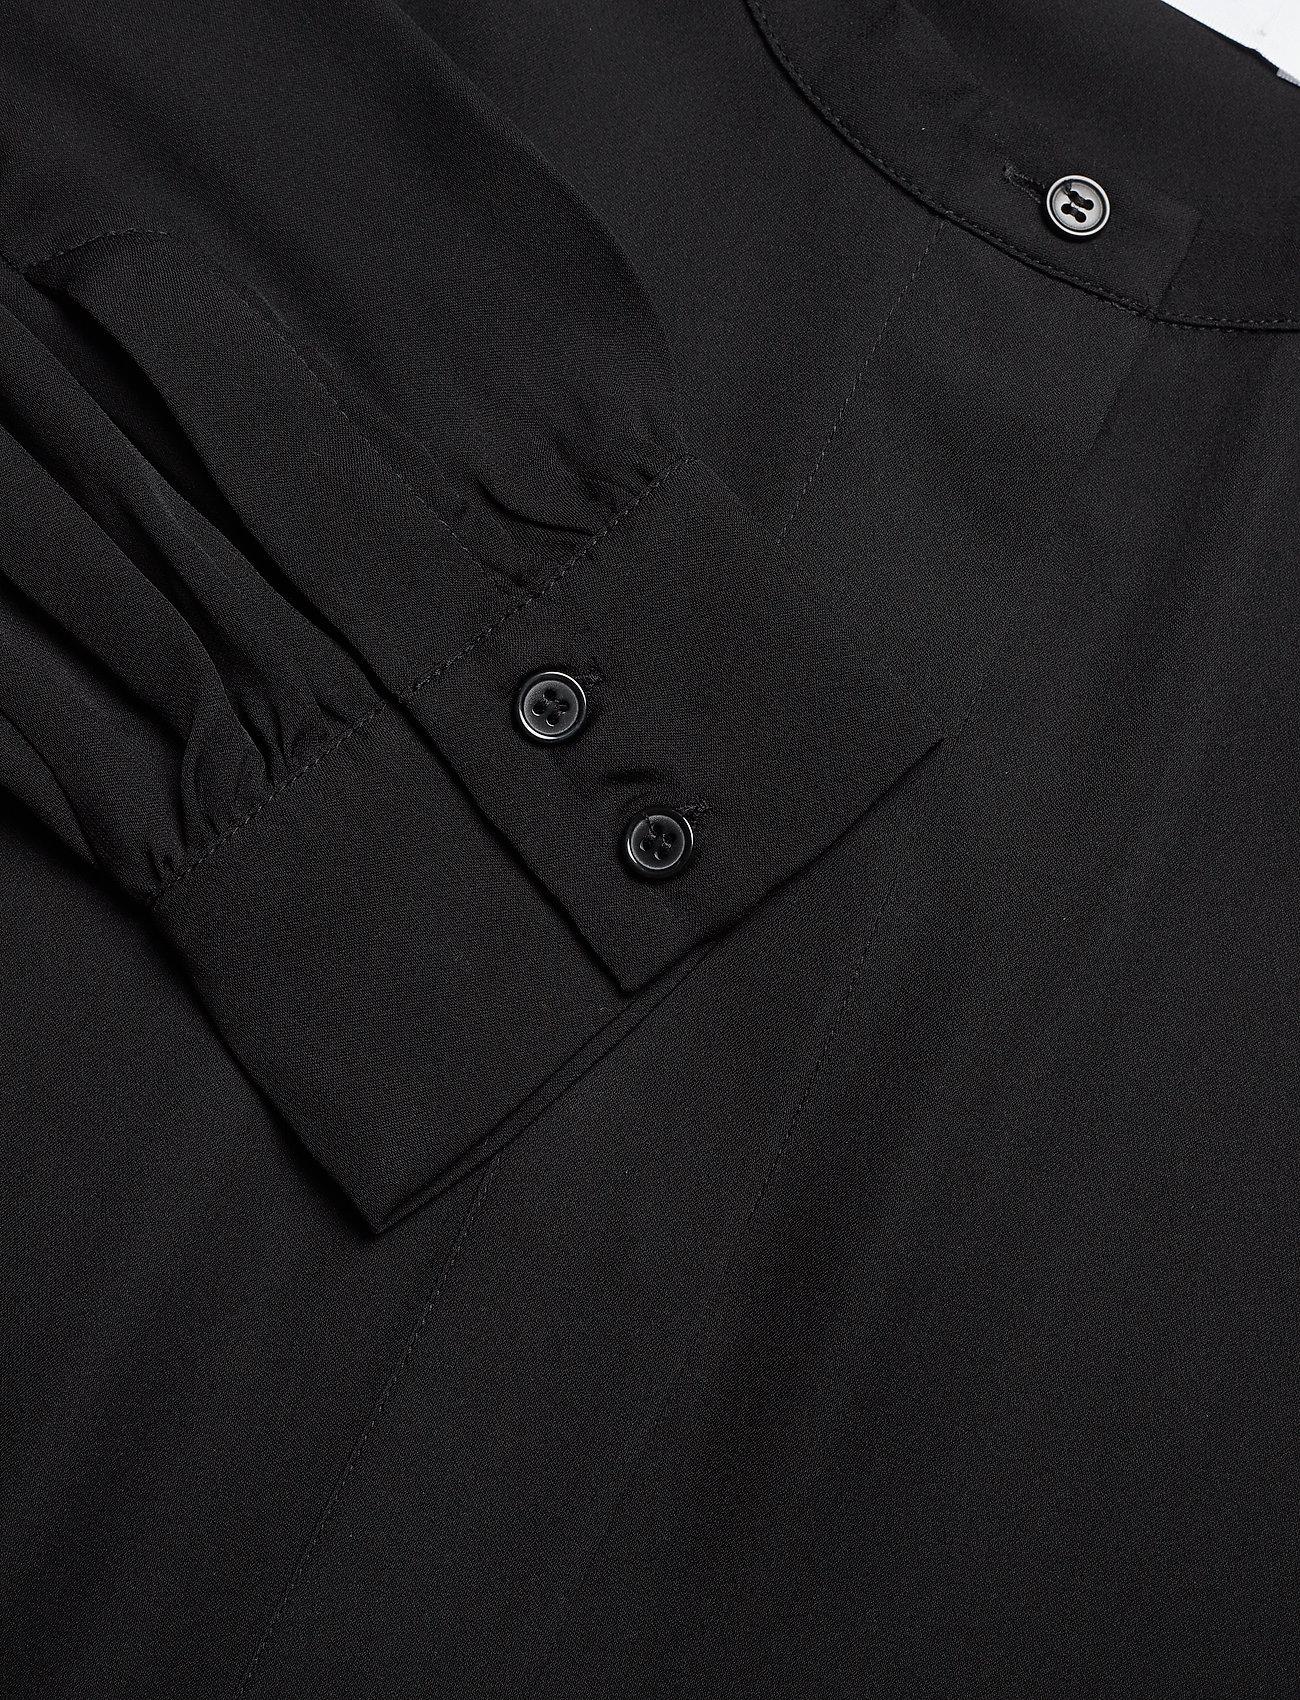 Pisa Shirt (Black) (1293 kr) - Lovechild 1979